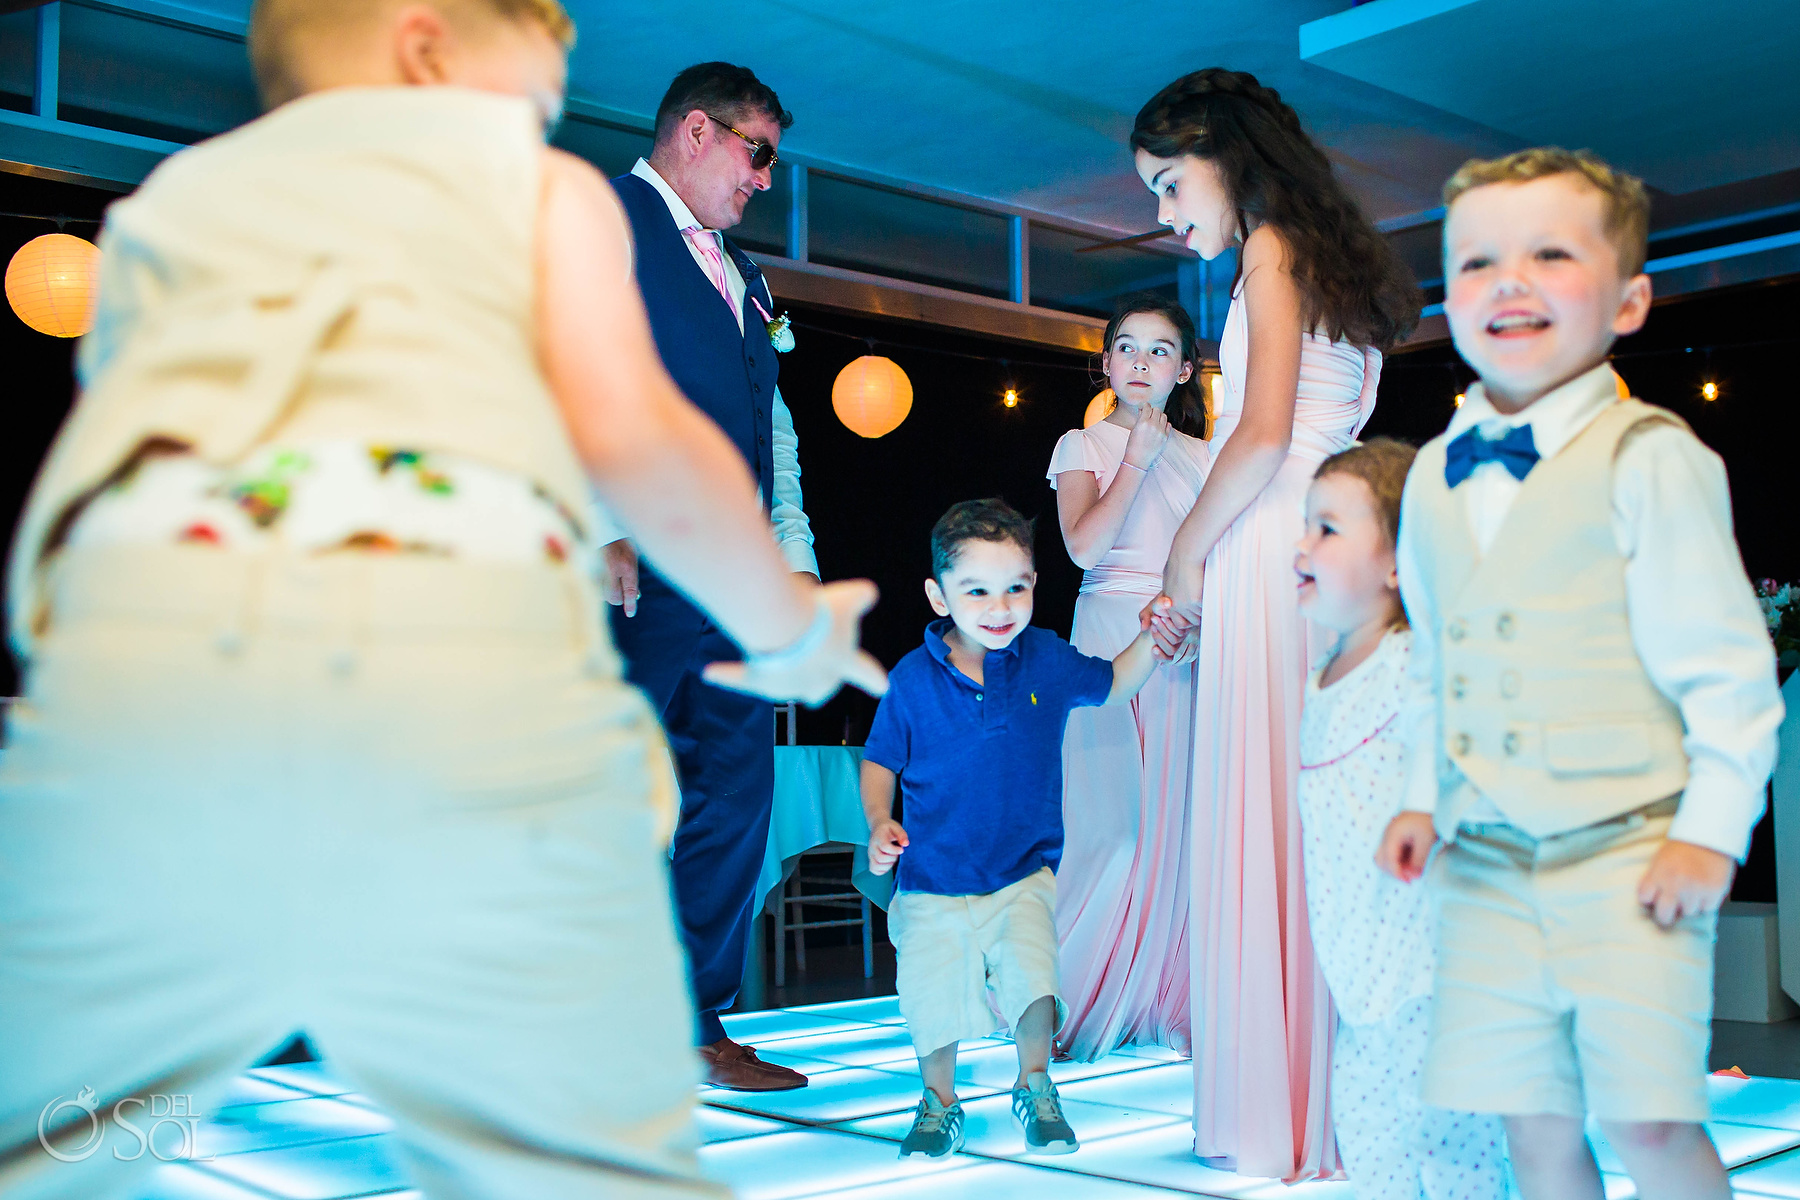 Kids having fun at wedding reception